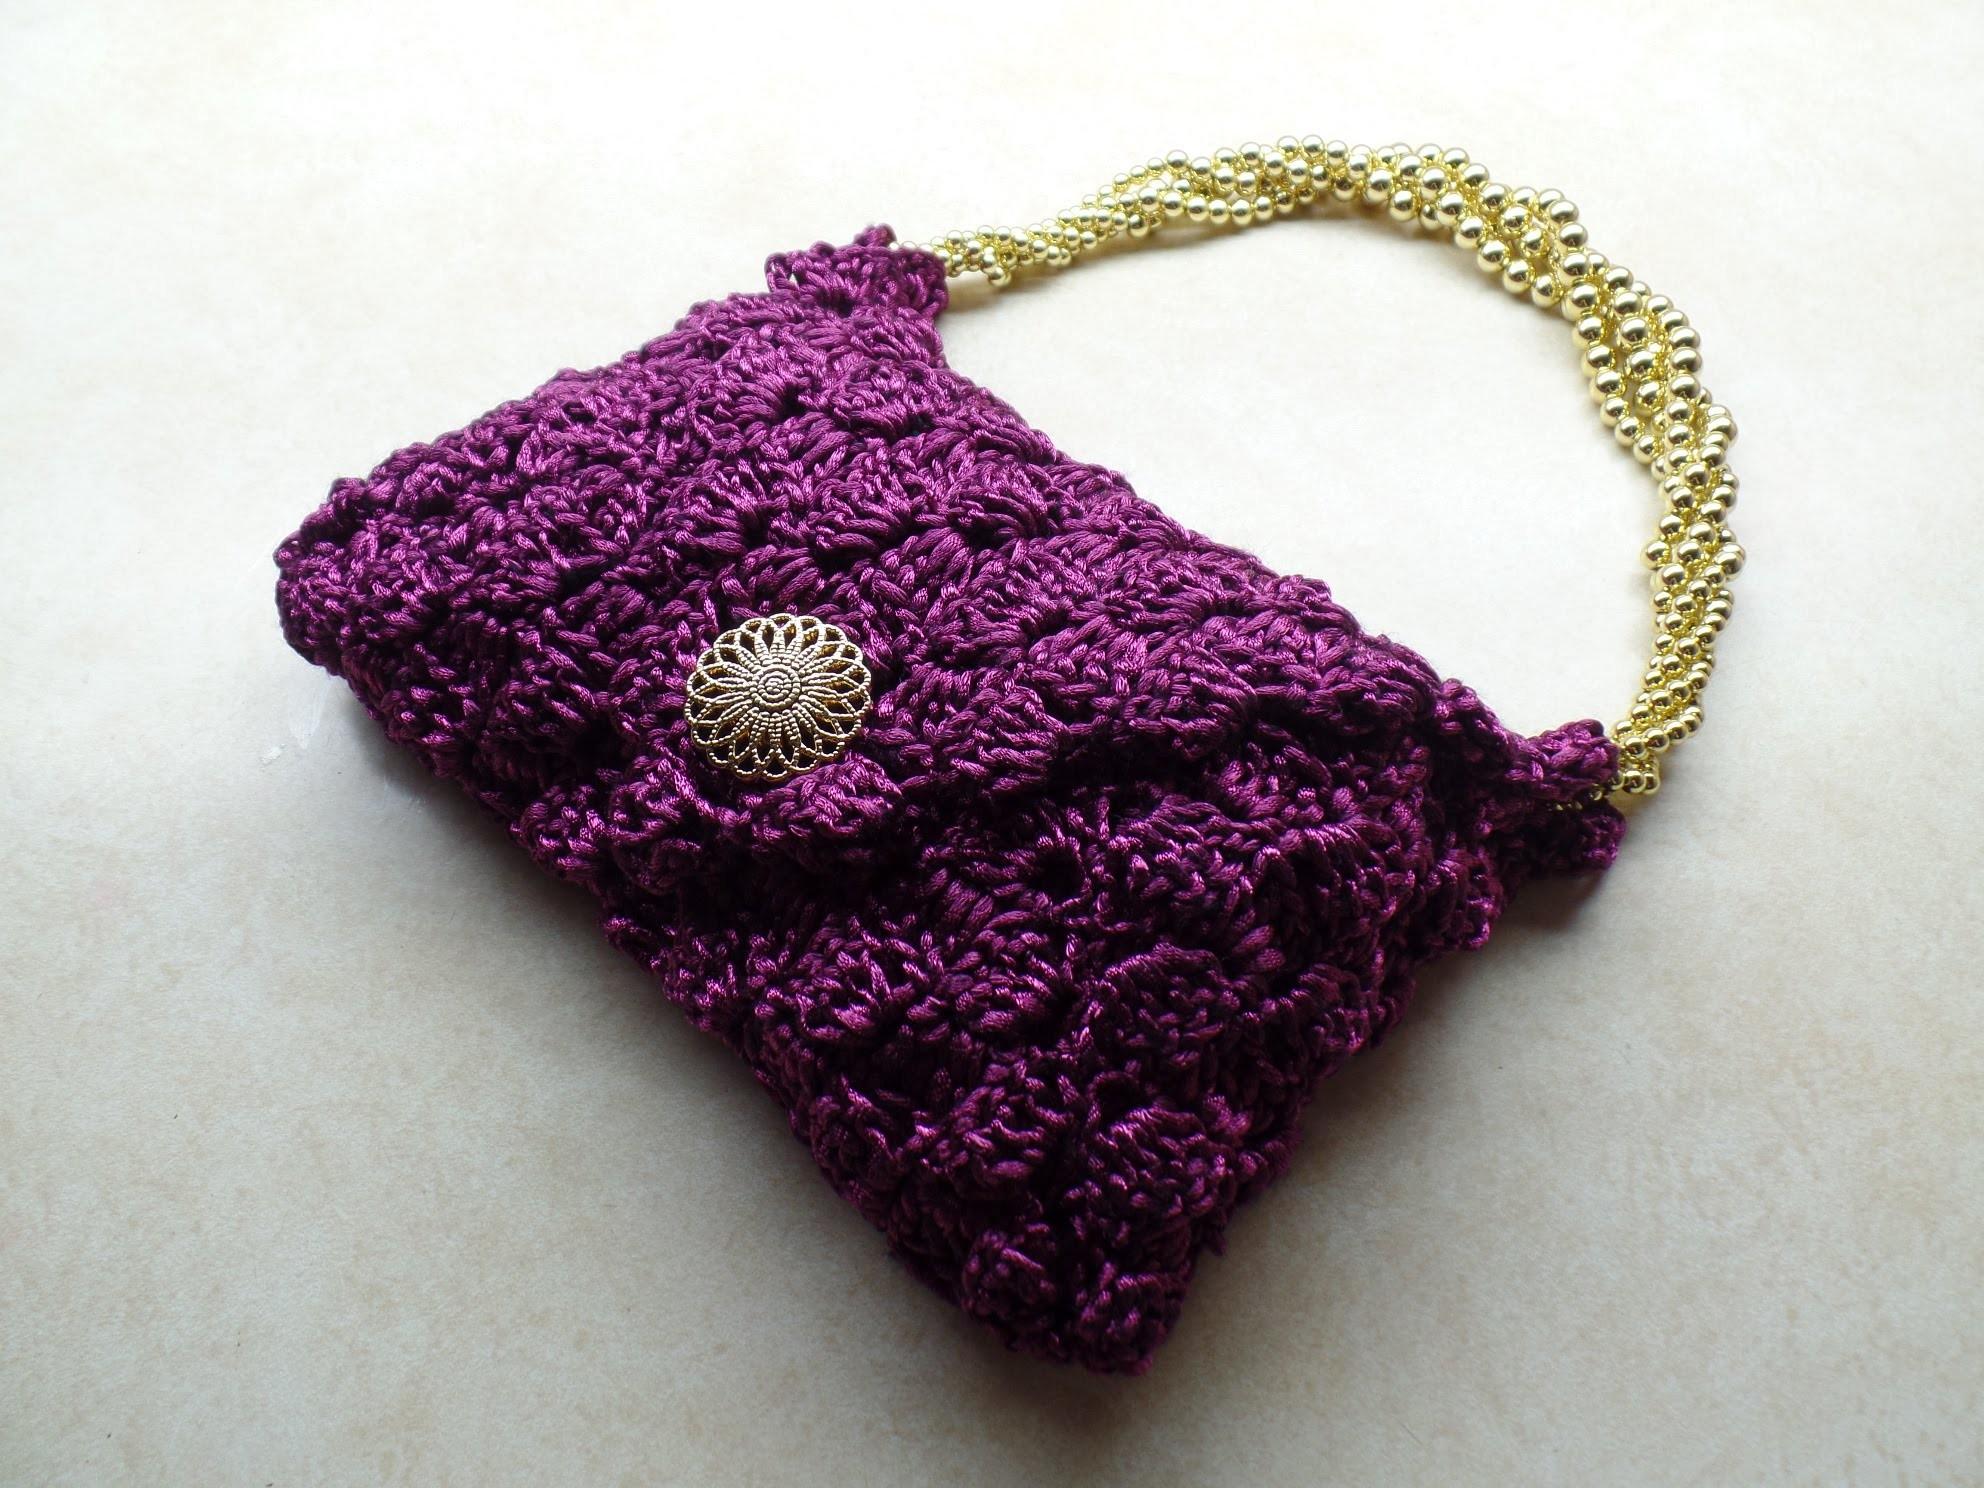 #Crochet Clover Cover Stitch Handbag Purse #TUTORIAL